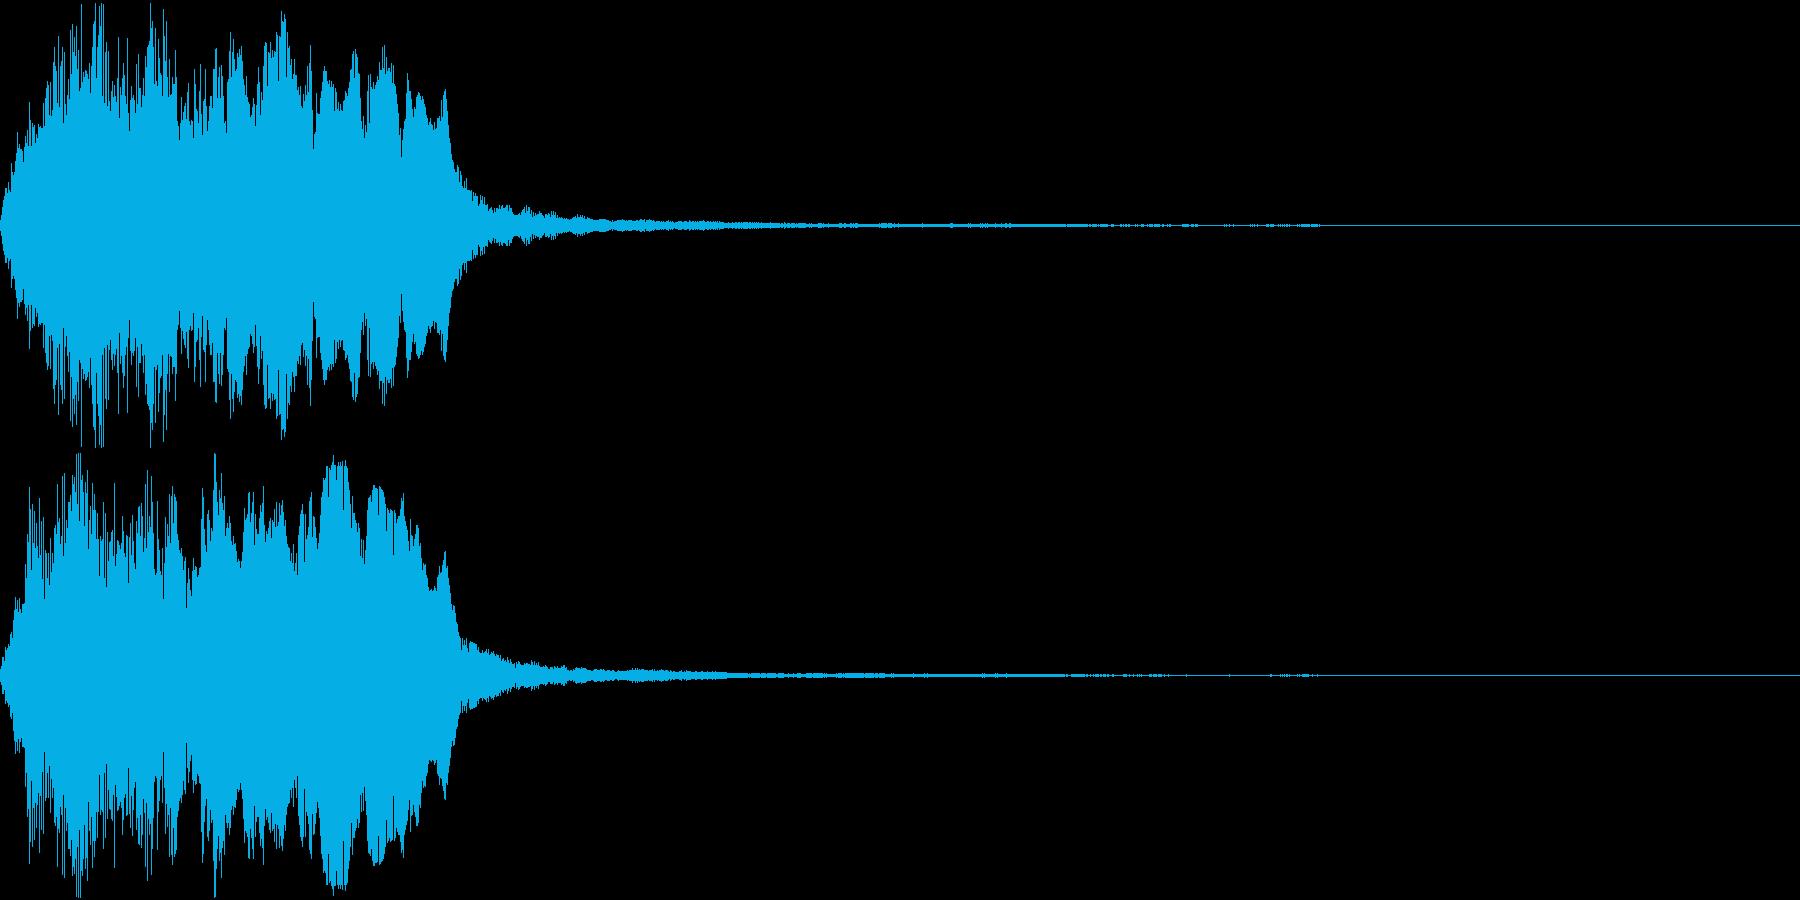 ラッパ ファンファーレ 定番 1の再生済みの波形